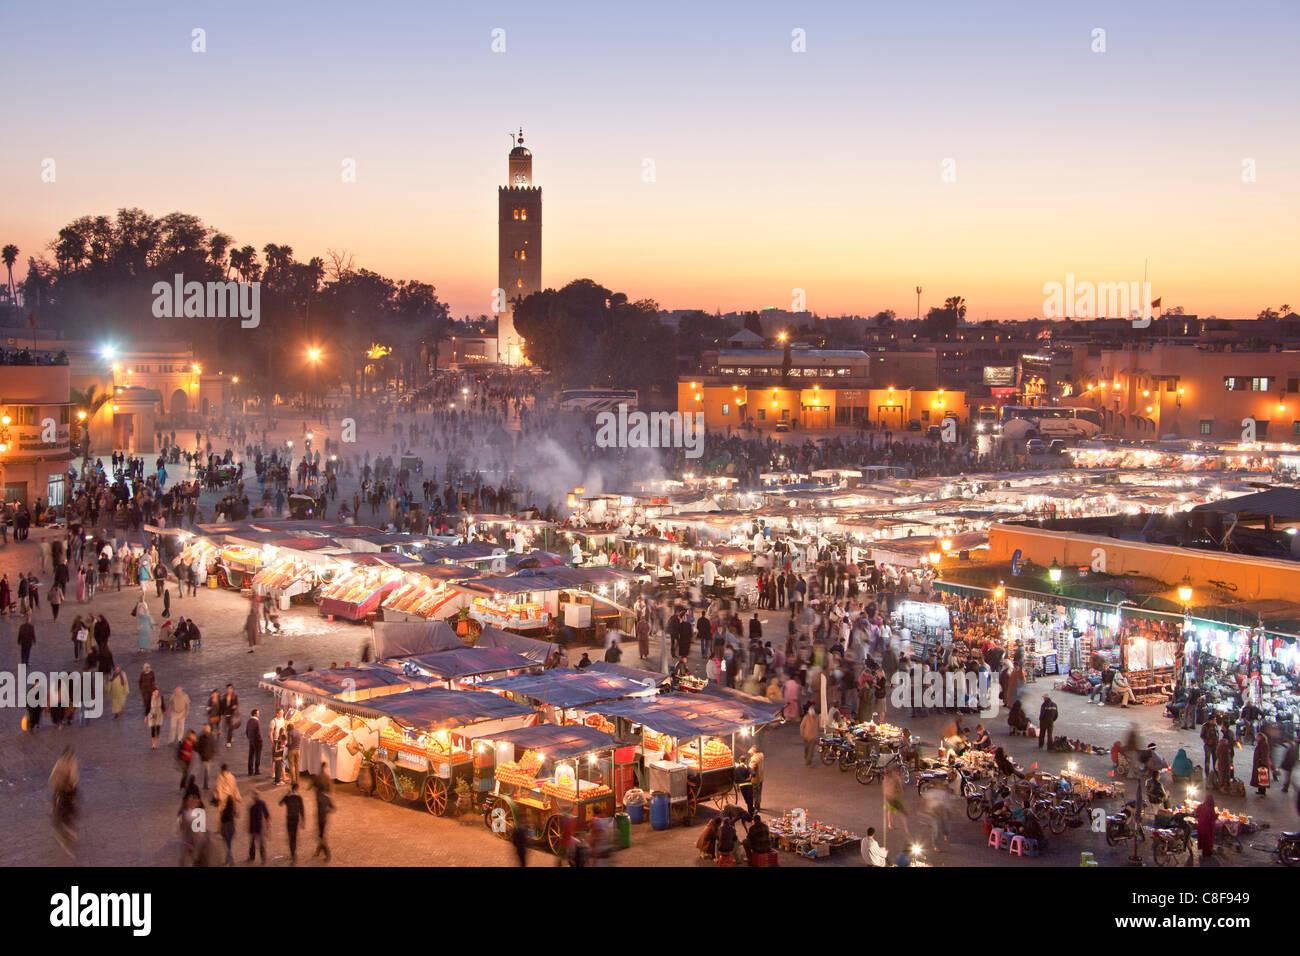 Le Maroc, l'Afrique du Nord, Afrique, Marrakech, Medina, affaires, commerce, boutique, Place Djemaa el Fna, Photo Stock